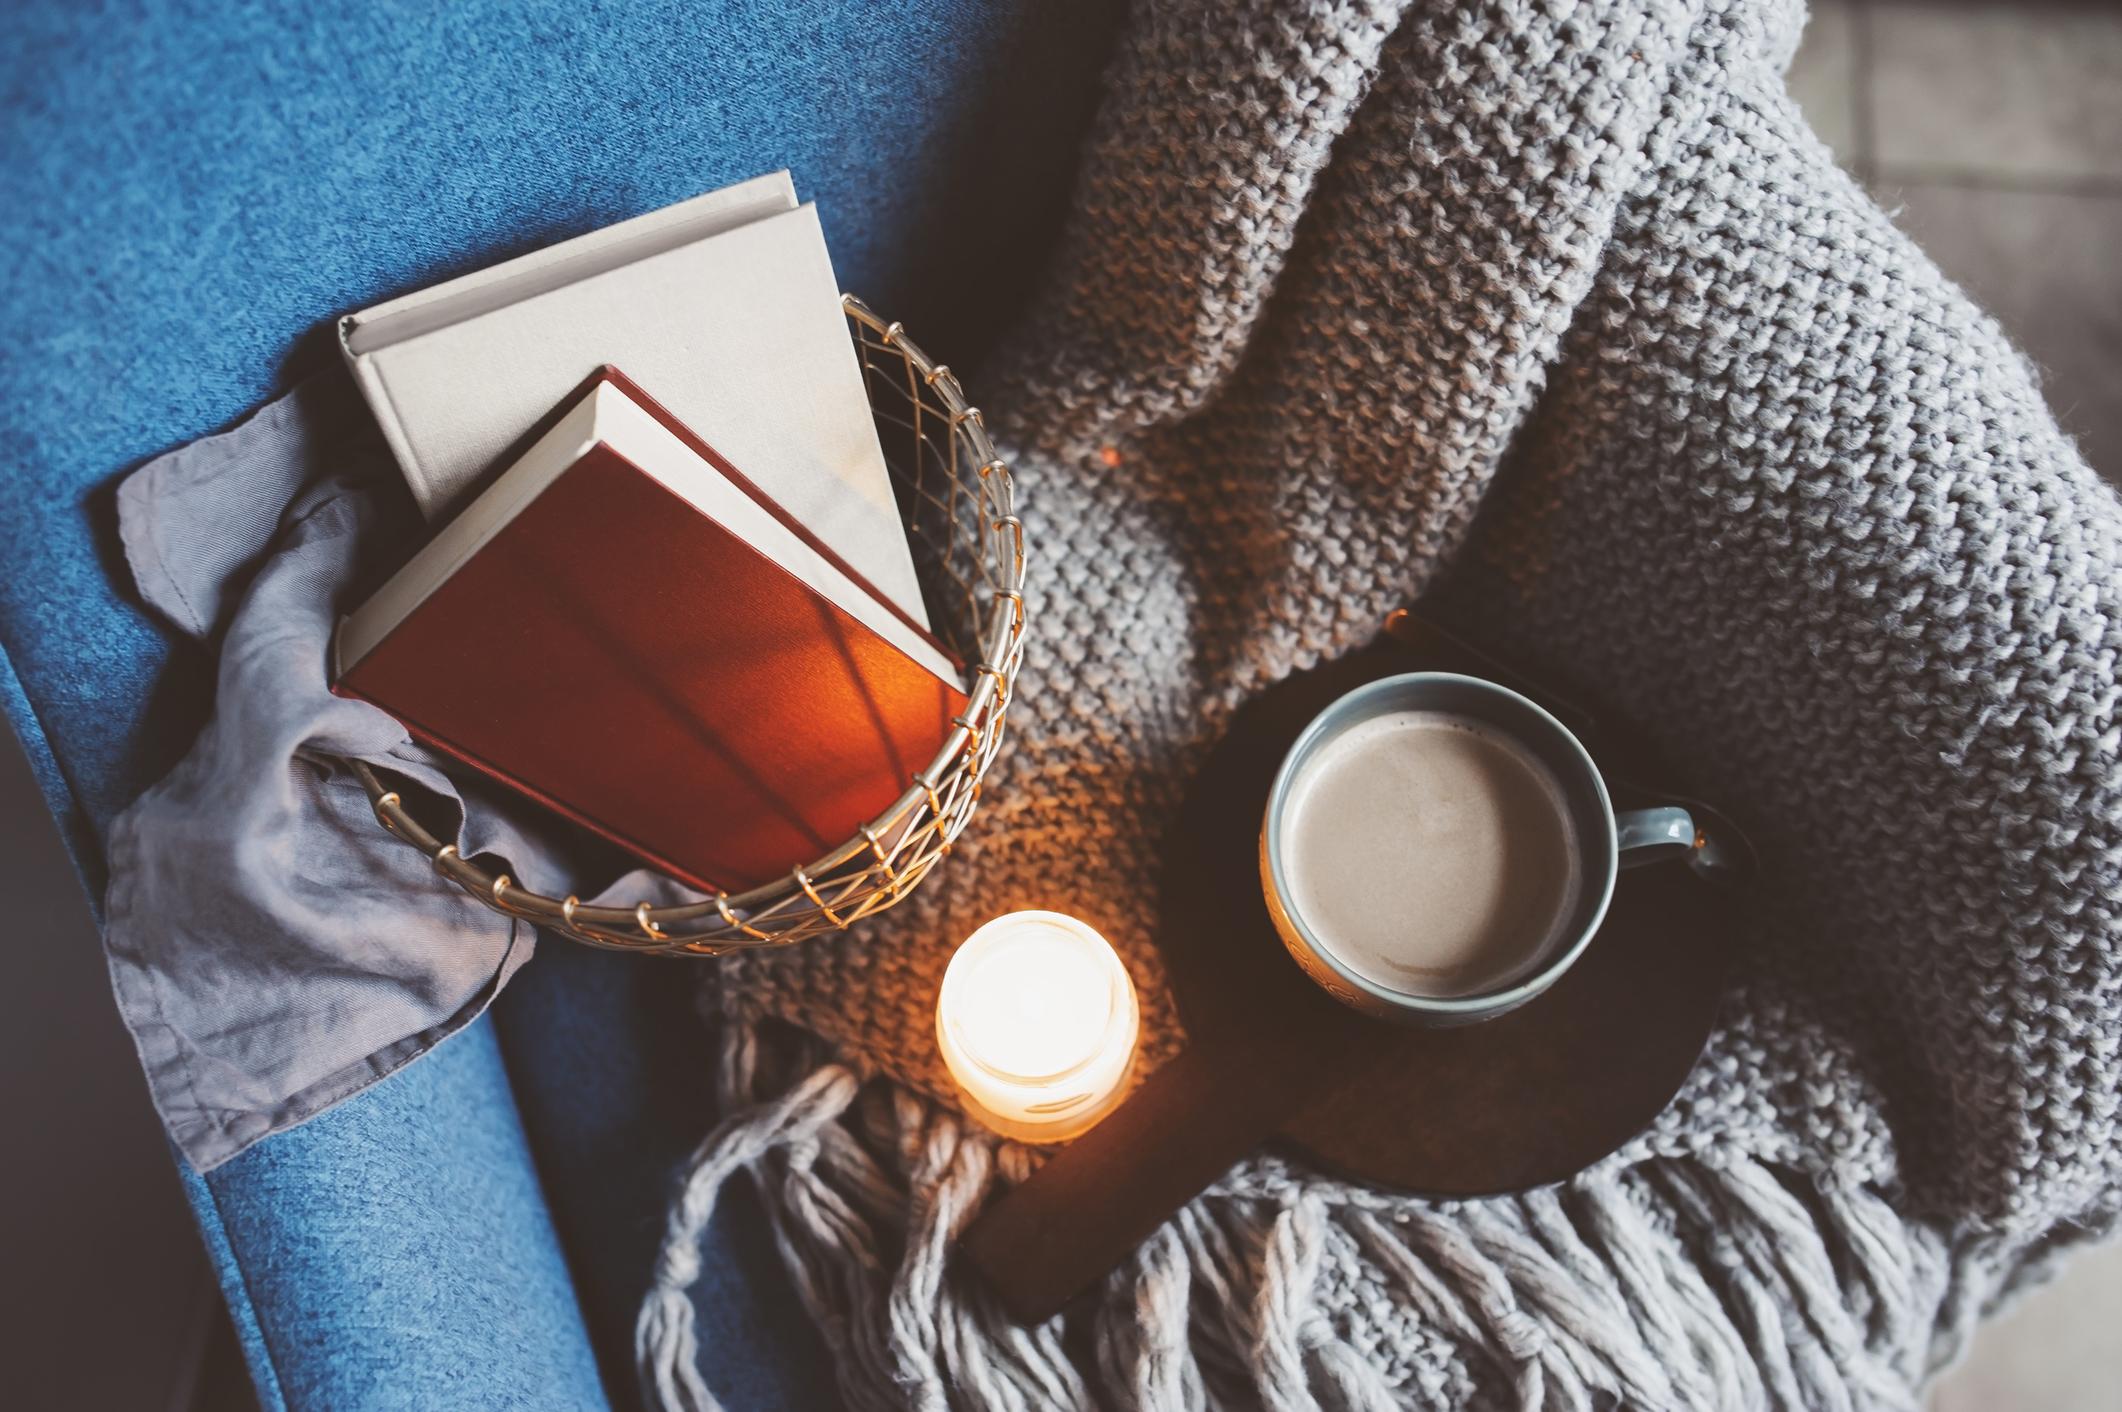 coffeemorningchair.jpg